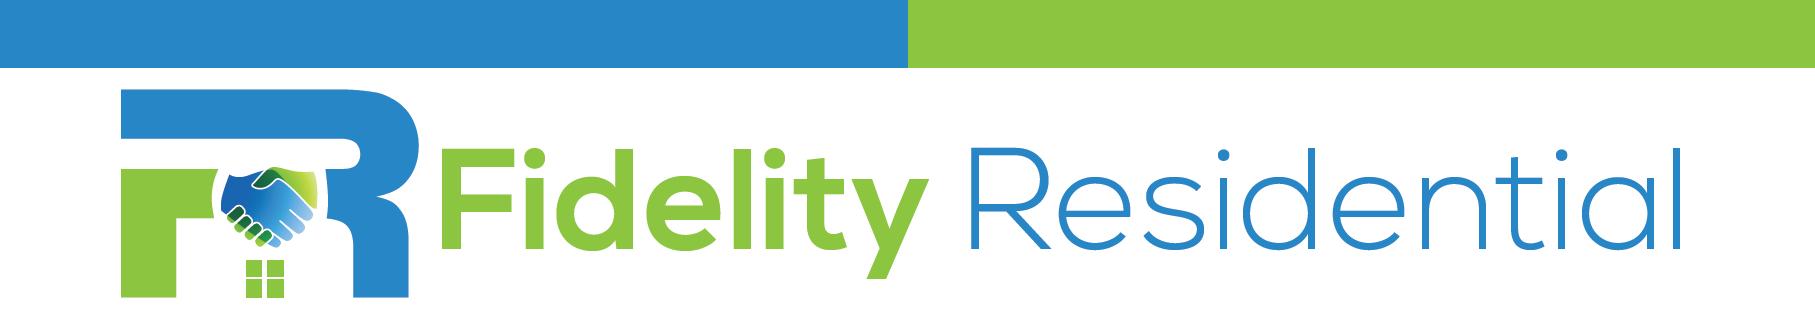 Fidelity Residential